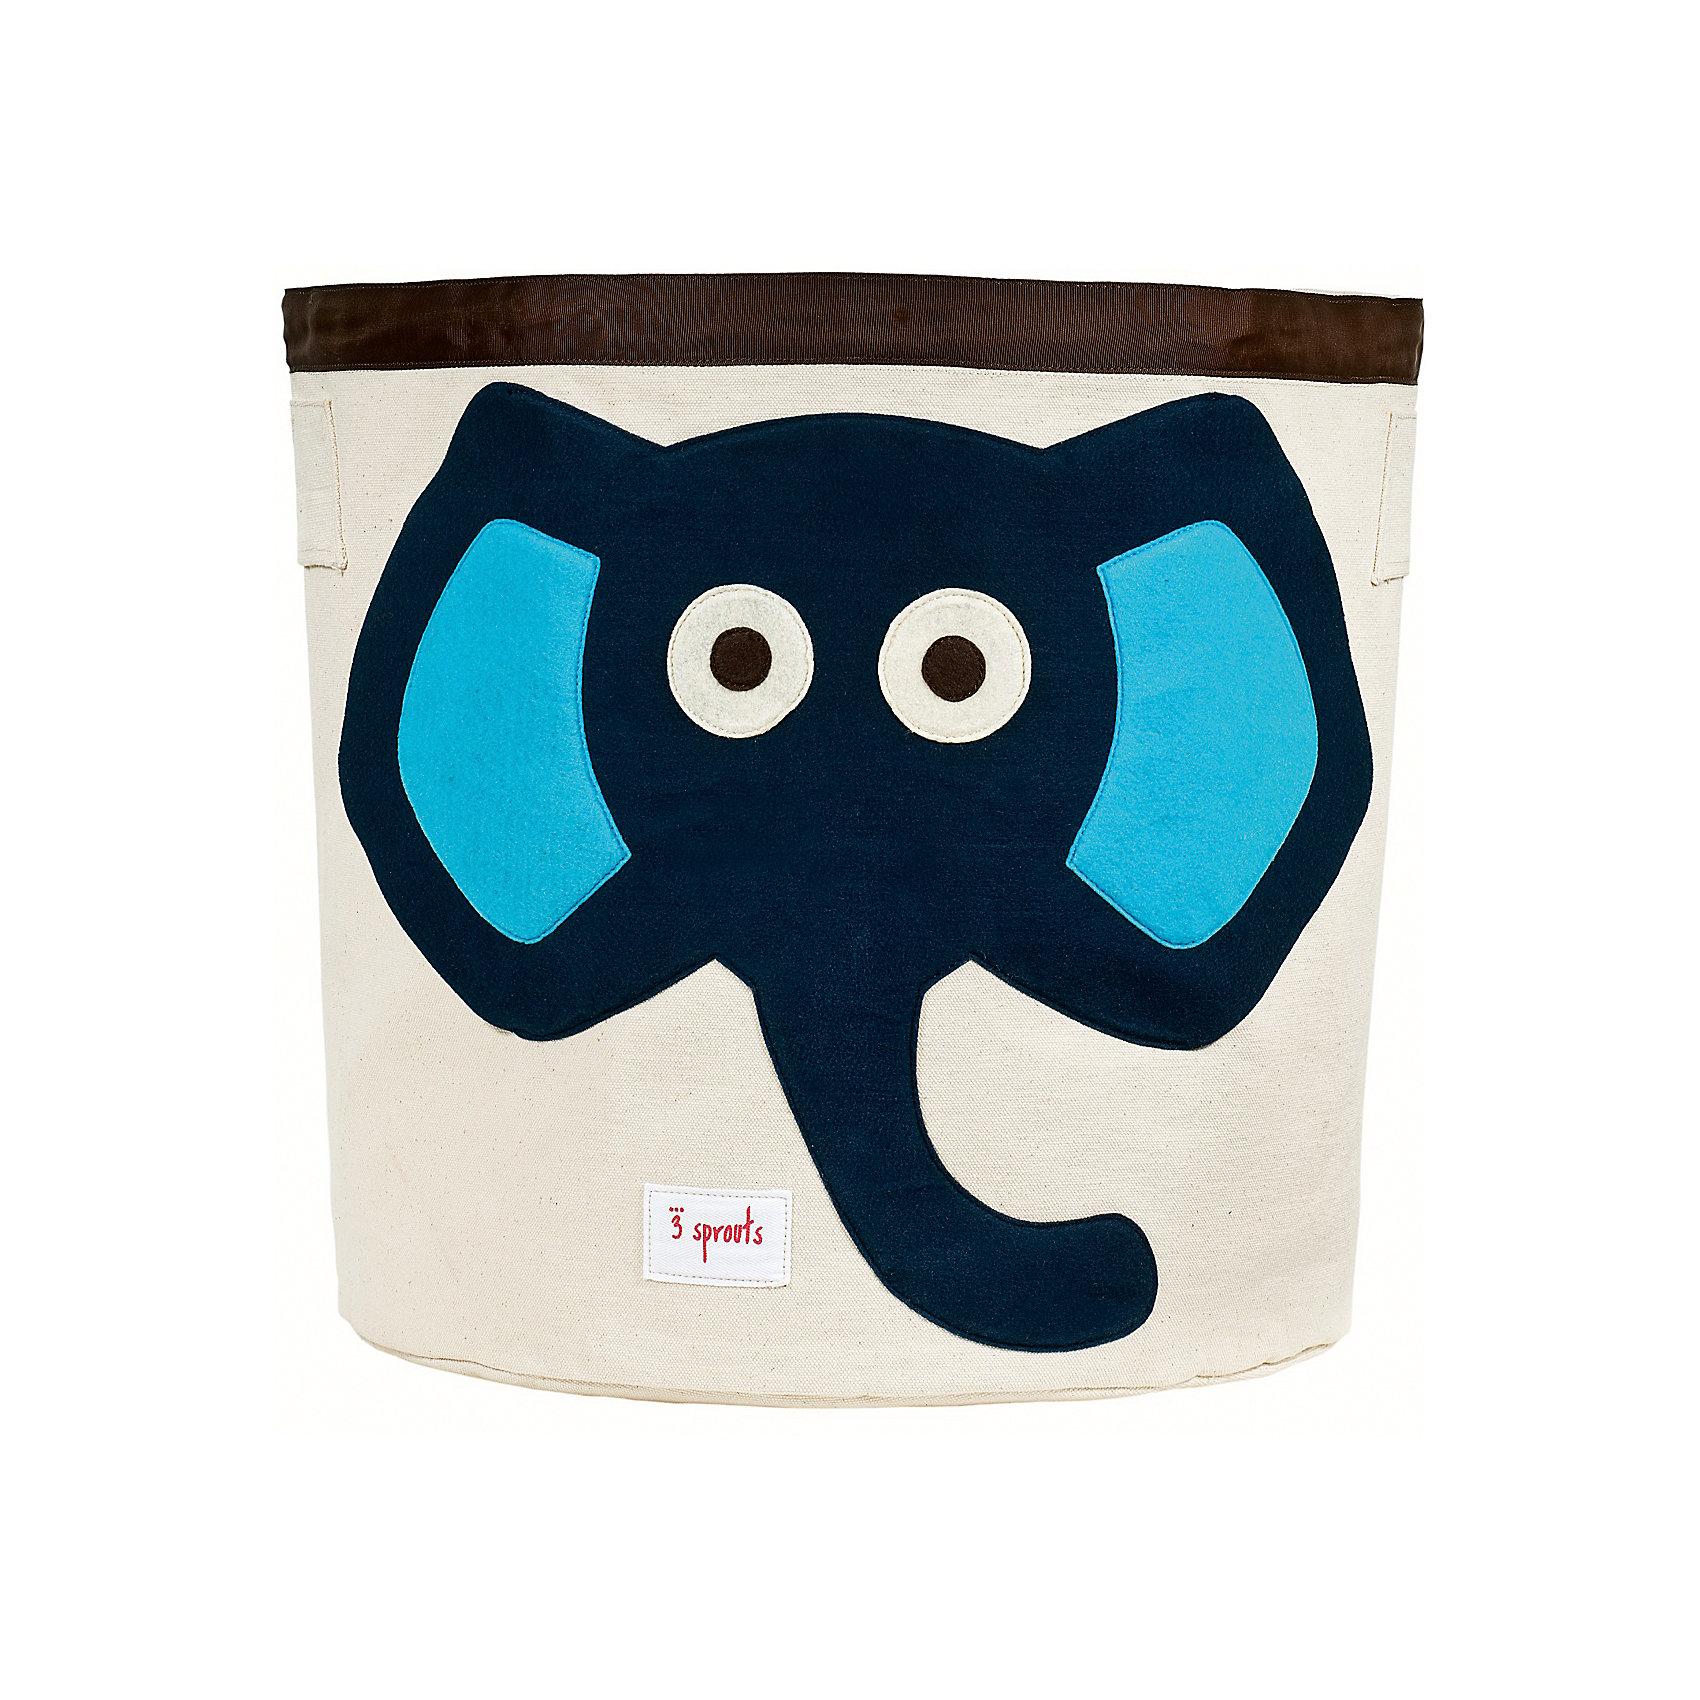 Корзина для хранения Слонёнок (Blue Elephant), 3 Sprouts, синийПорядок в детской<br>Такие милые корзины помогут Вам навести порядок в детской. Размер корзины позволяет хранить в ней игрушки или белье.  <br><br>Дополнительная информация:<br><br>- Размер полотенца: 44.5х43 см.<br>- Материал: <br>100% хлопковый брезент.<br>100% полиэстровая фетровая аппликация.<br>100% полиэтиленовое покрытие (внутри).<br>- Цвет: синий.<br><br>Купить корзину для хранения Слоненок (Blue Elephant) в синем цвете, можно в нашем магазине.<br><br>Ширина мм: 250<br>Глубина мм: 20<br>Высота мм: 450<br>Вес г: 526<br>Возраст от месяцев: 6<br>Возраст до месяцев: 84<br>Пол: Унисекс<br>Возраст: Детский<br>SKU: 5098205